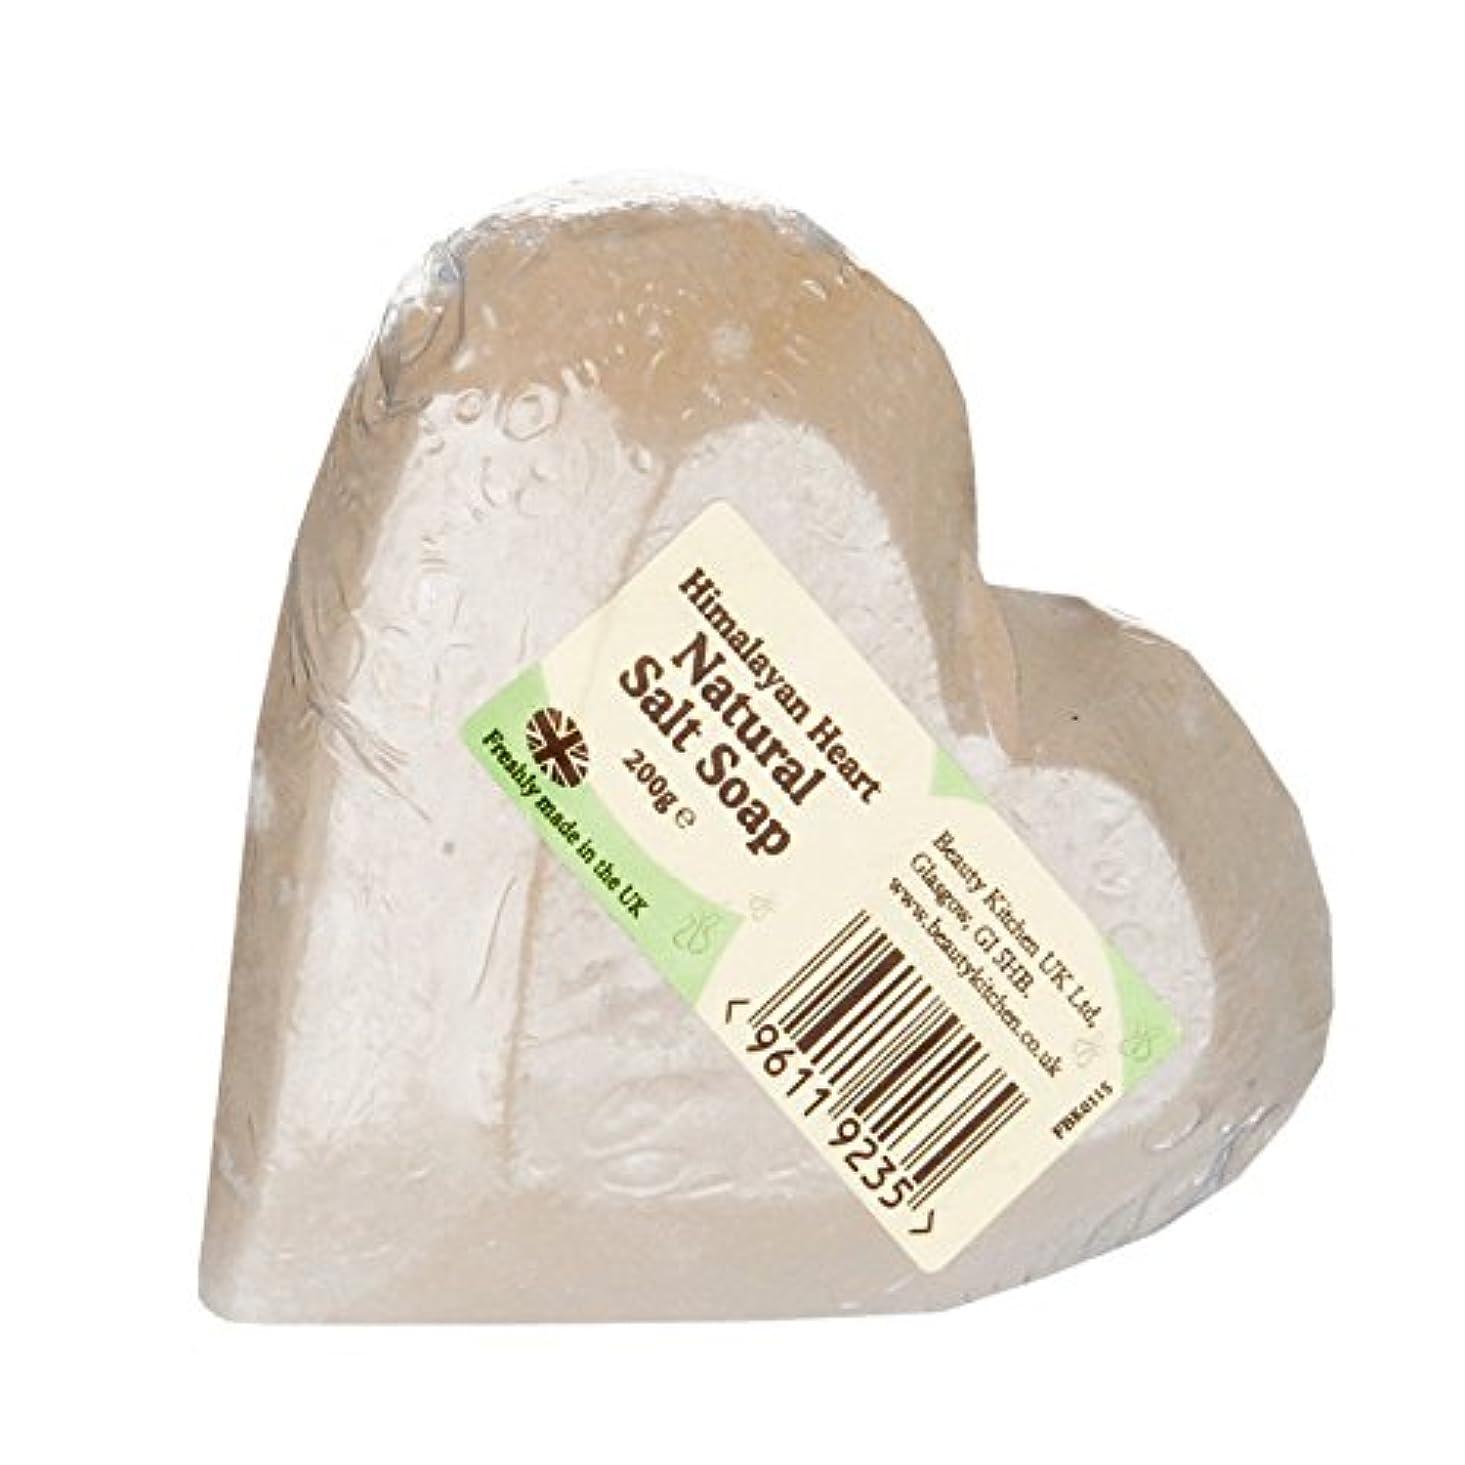 マント障害者練習したBeauty Kitchen Himalayan Heart Soap 200g (Pack of 2) - 美容キッチンヒマラヤンハートソープ200グラム (x2) [並行輸入品]